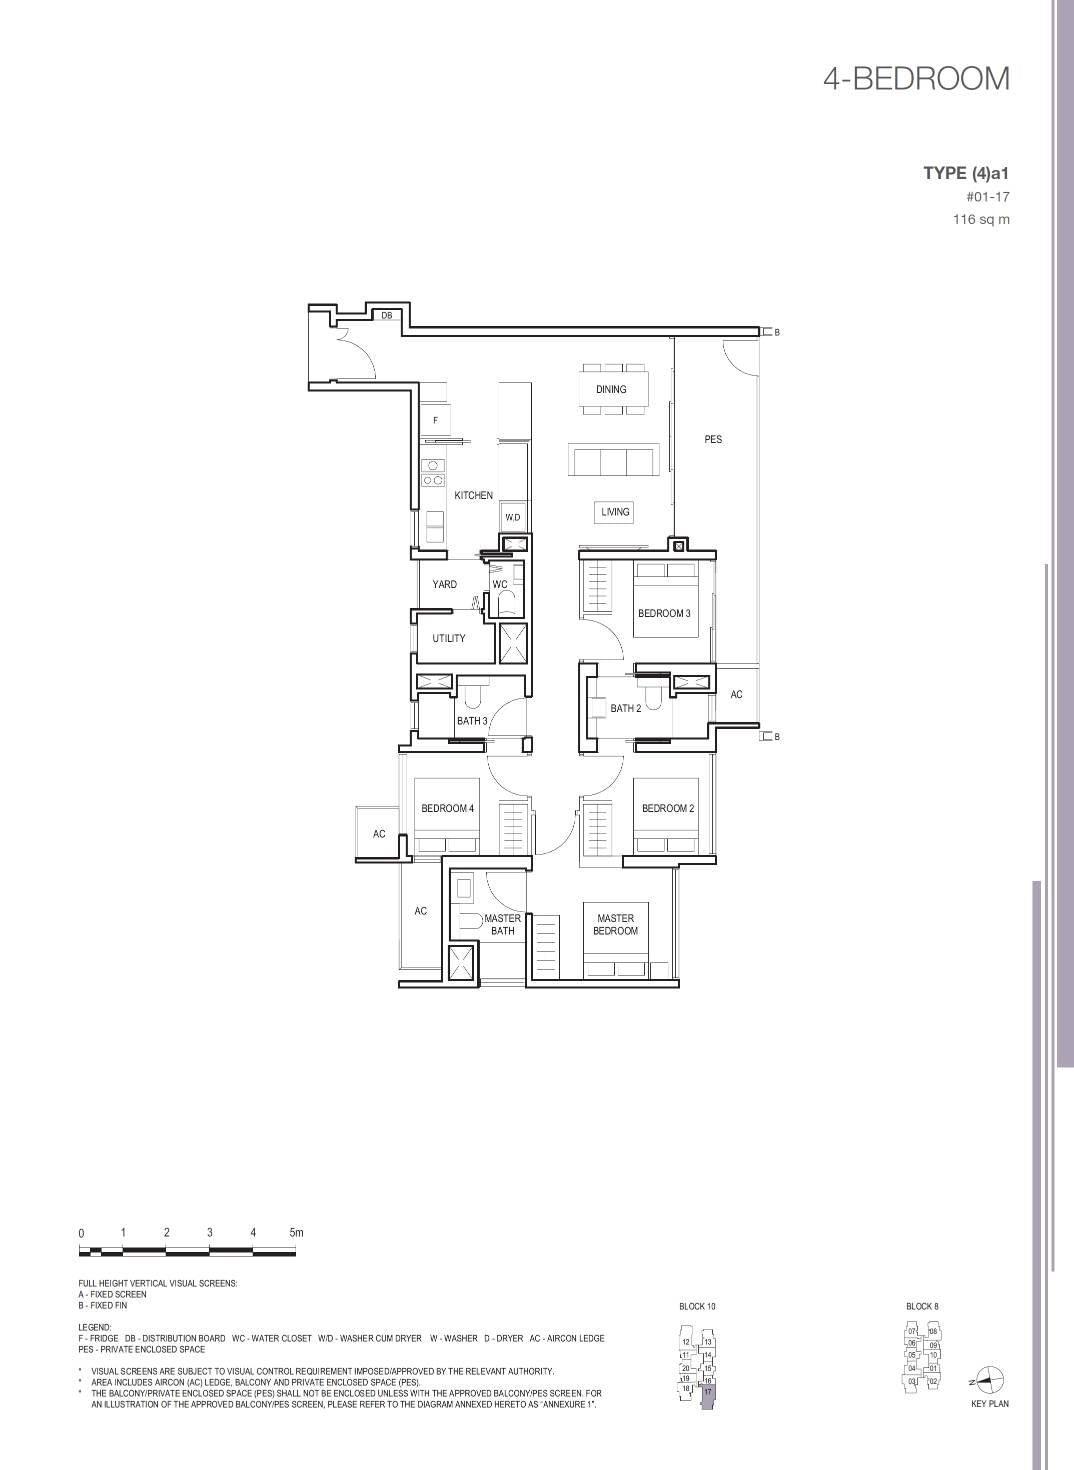 Midwood Midwood Floorplan 4a1